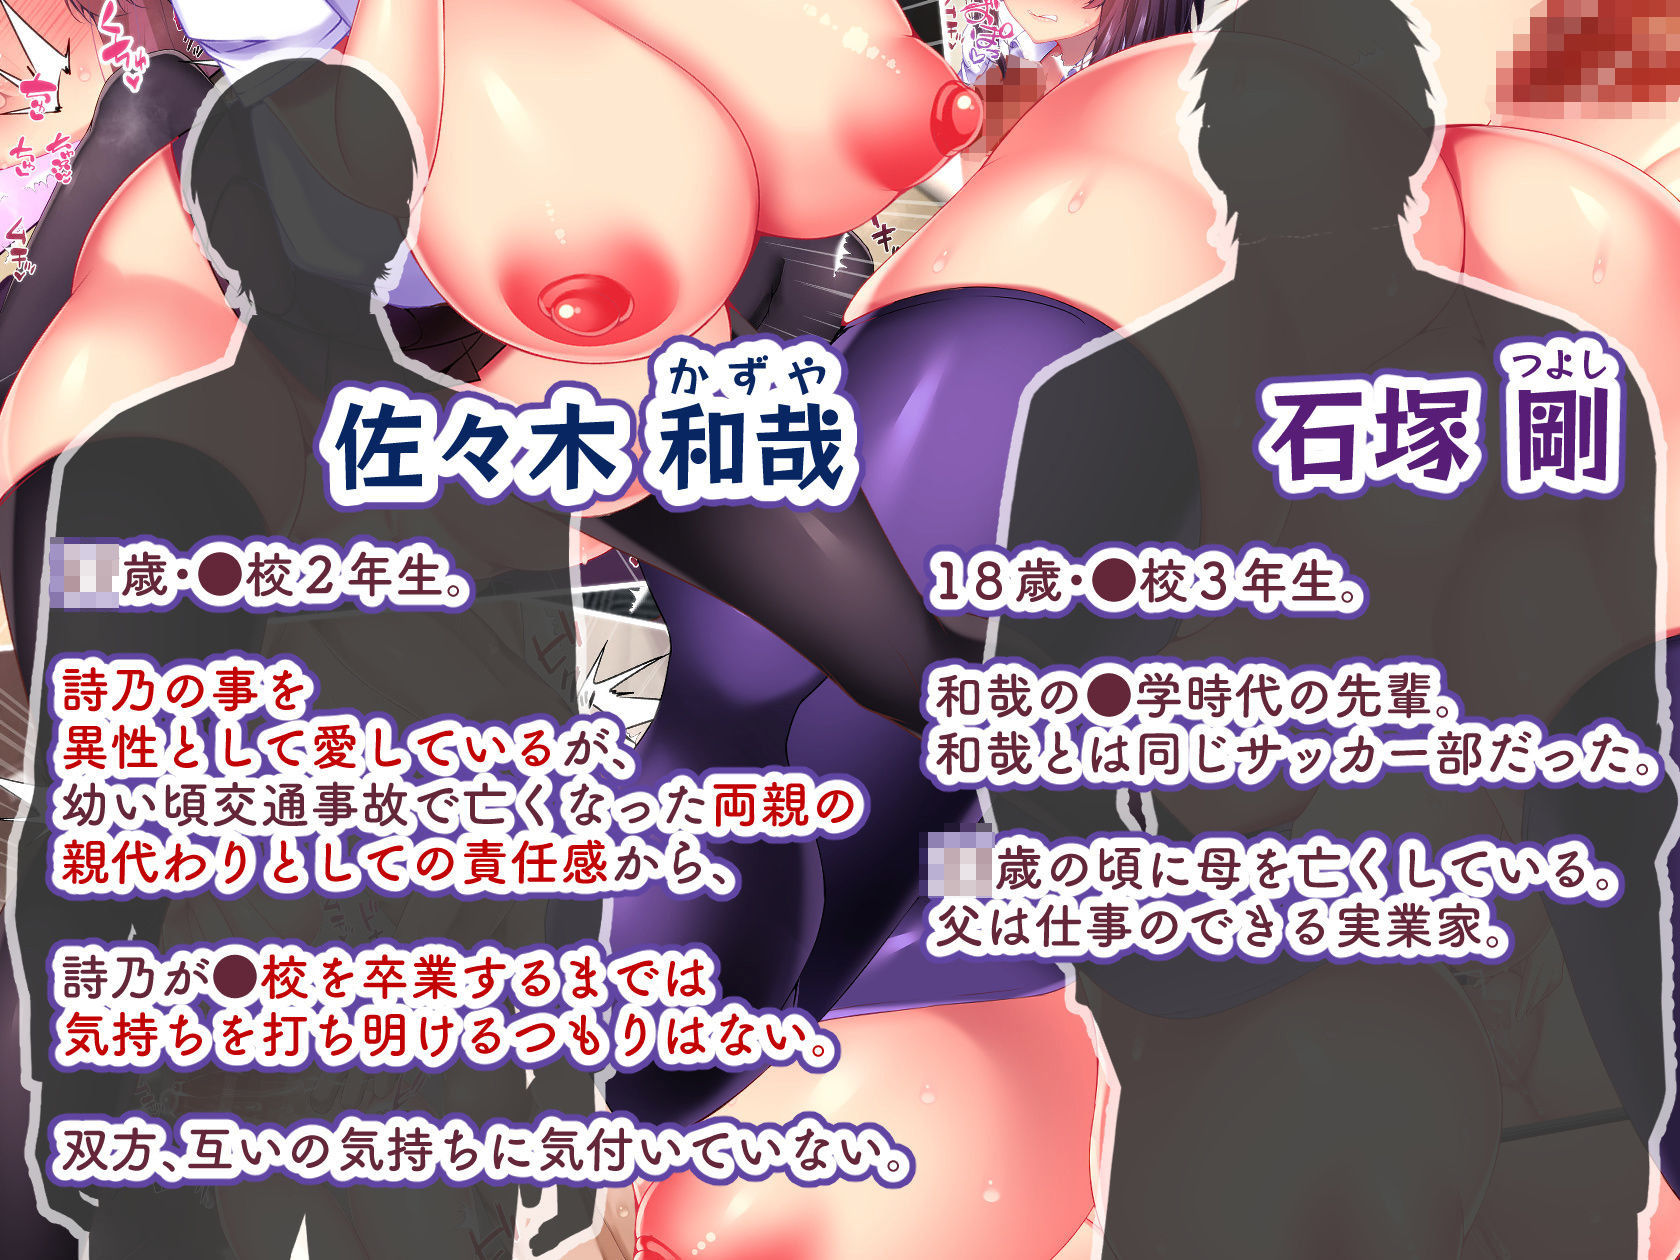 https://www.dmm.co.jp/dc/doujin/-/detail/=/cid=d_184567/